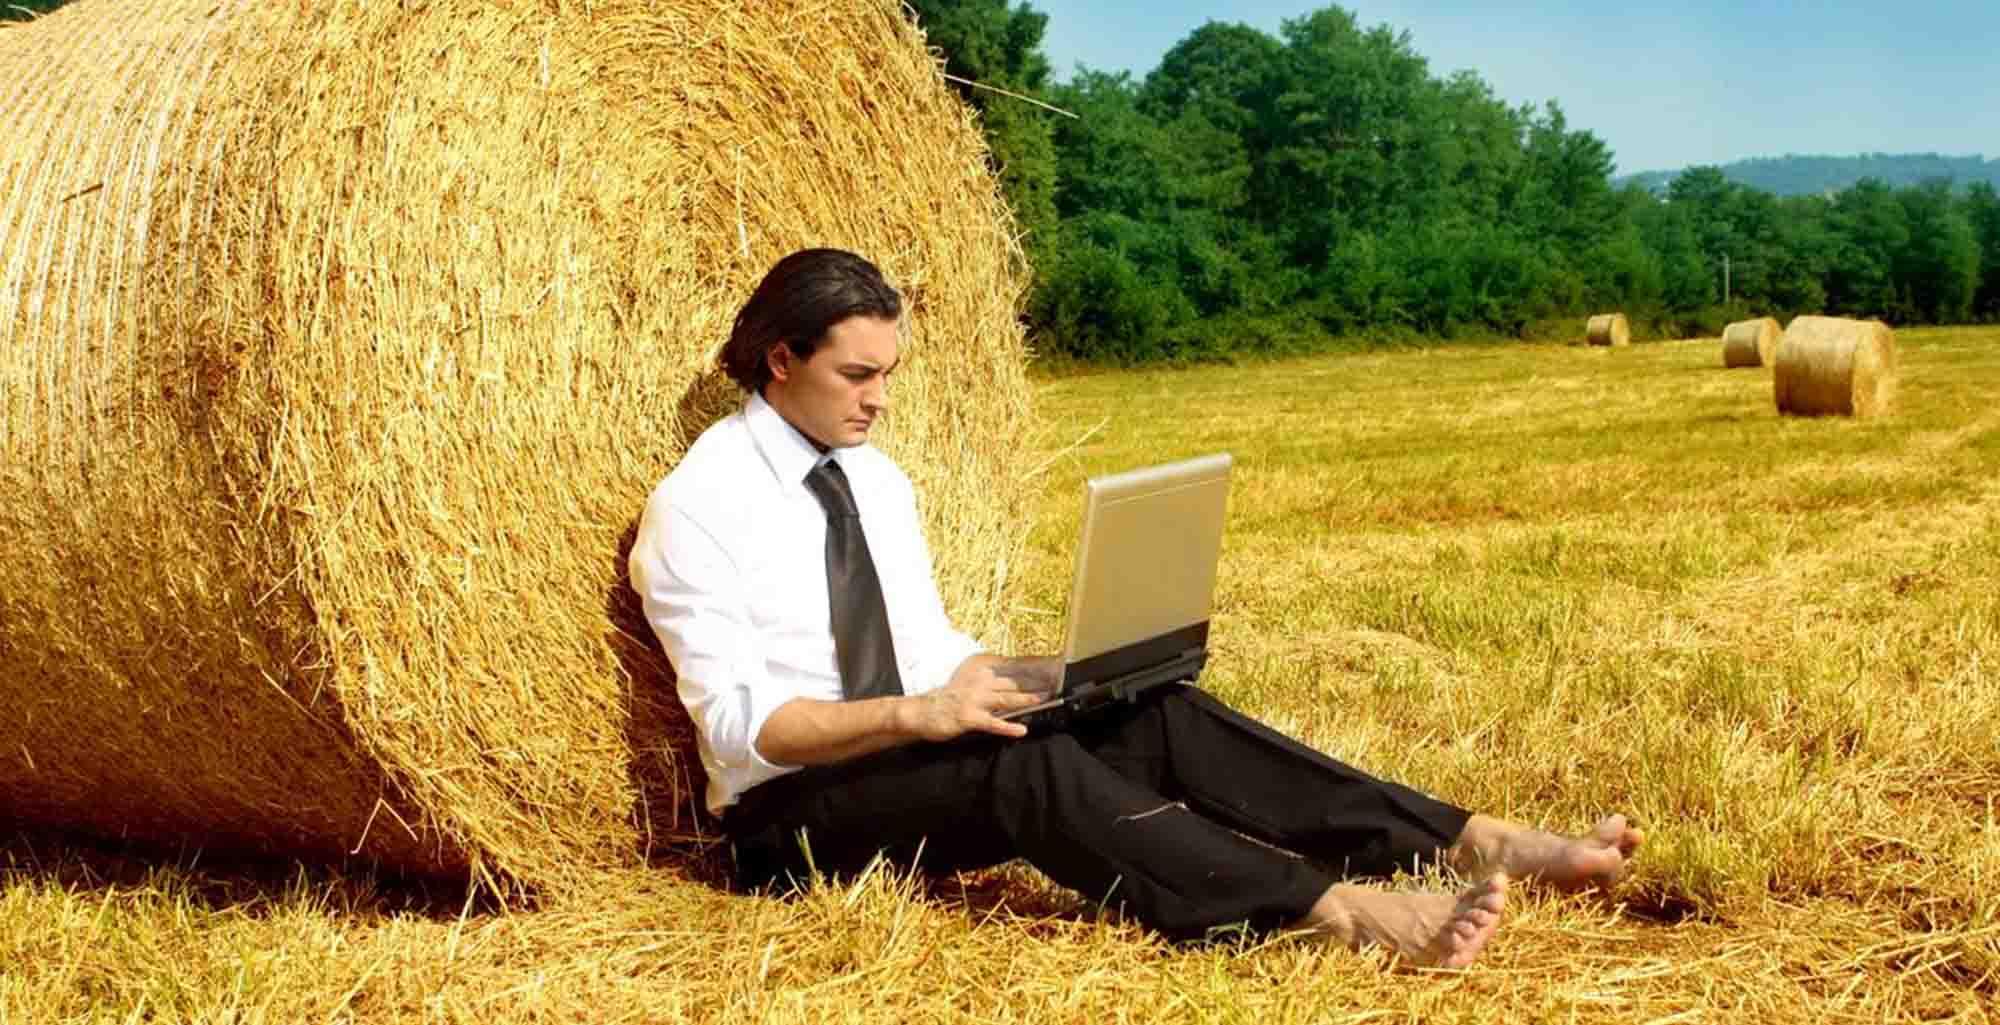 Консультации адвоката в сфере земельного и аграрного права